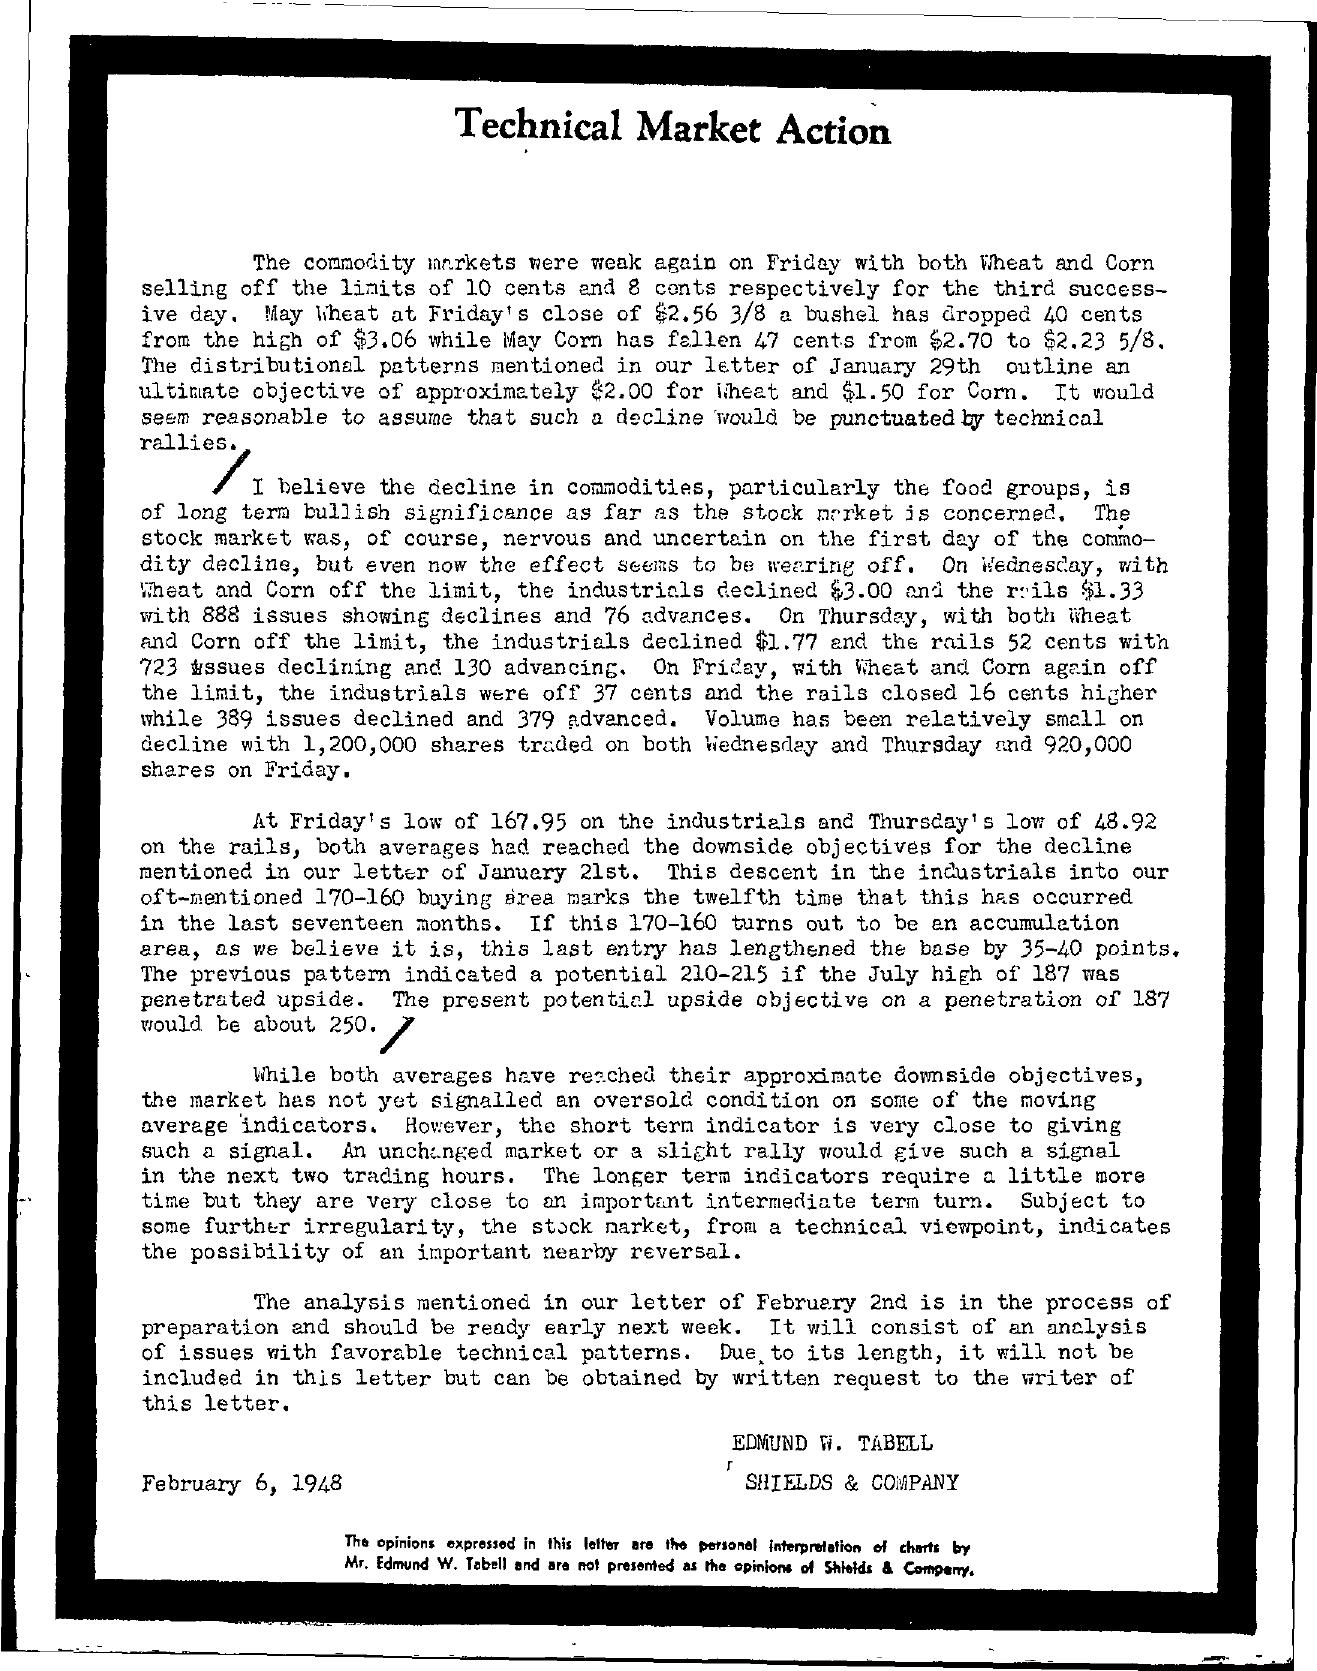 Tabell's Market Letter - February 06, 1948